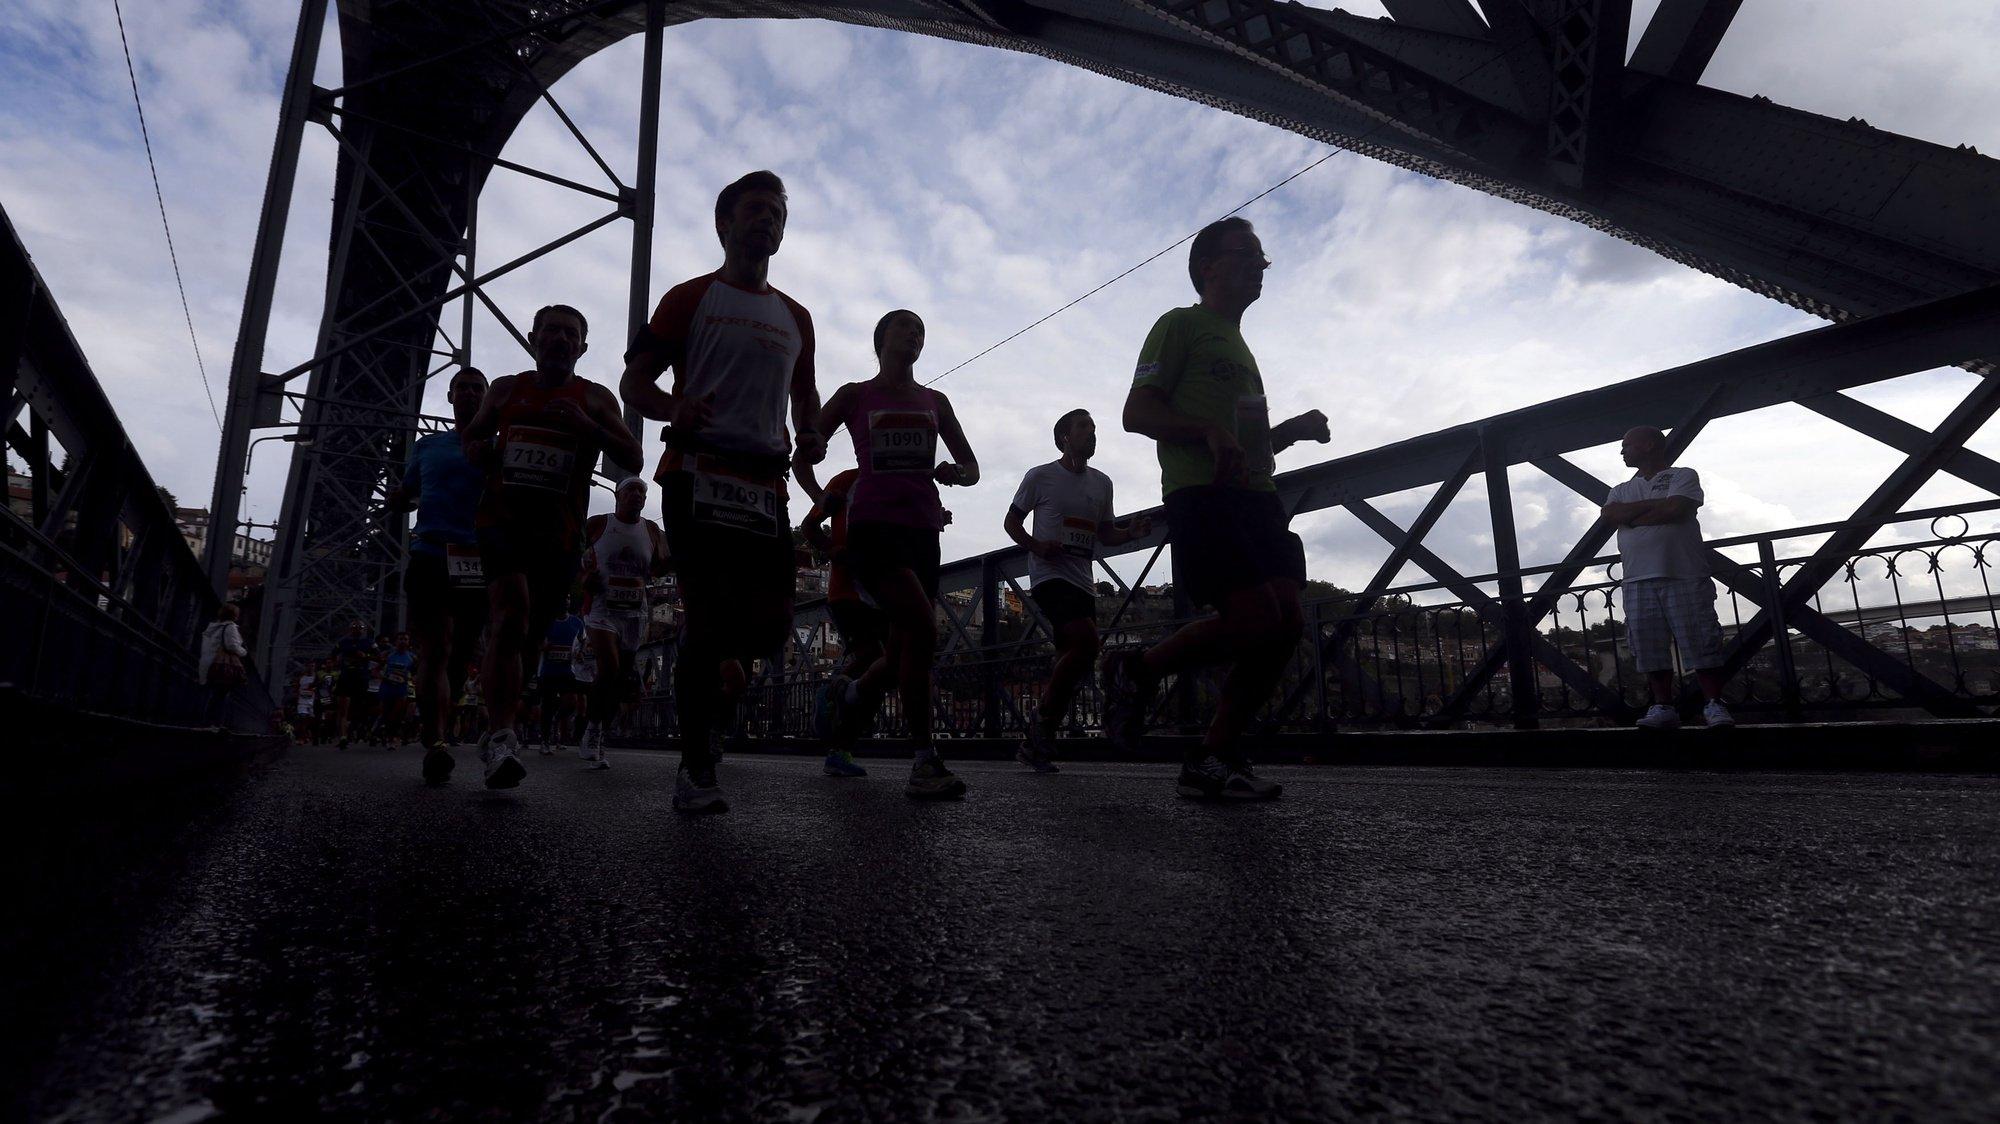 Atletas participam na 8ª edição da Meia Maratona do Porto, 14 de setembro de 2014.  JOSÉ COELHO/LUSA